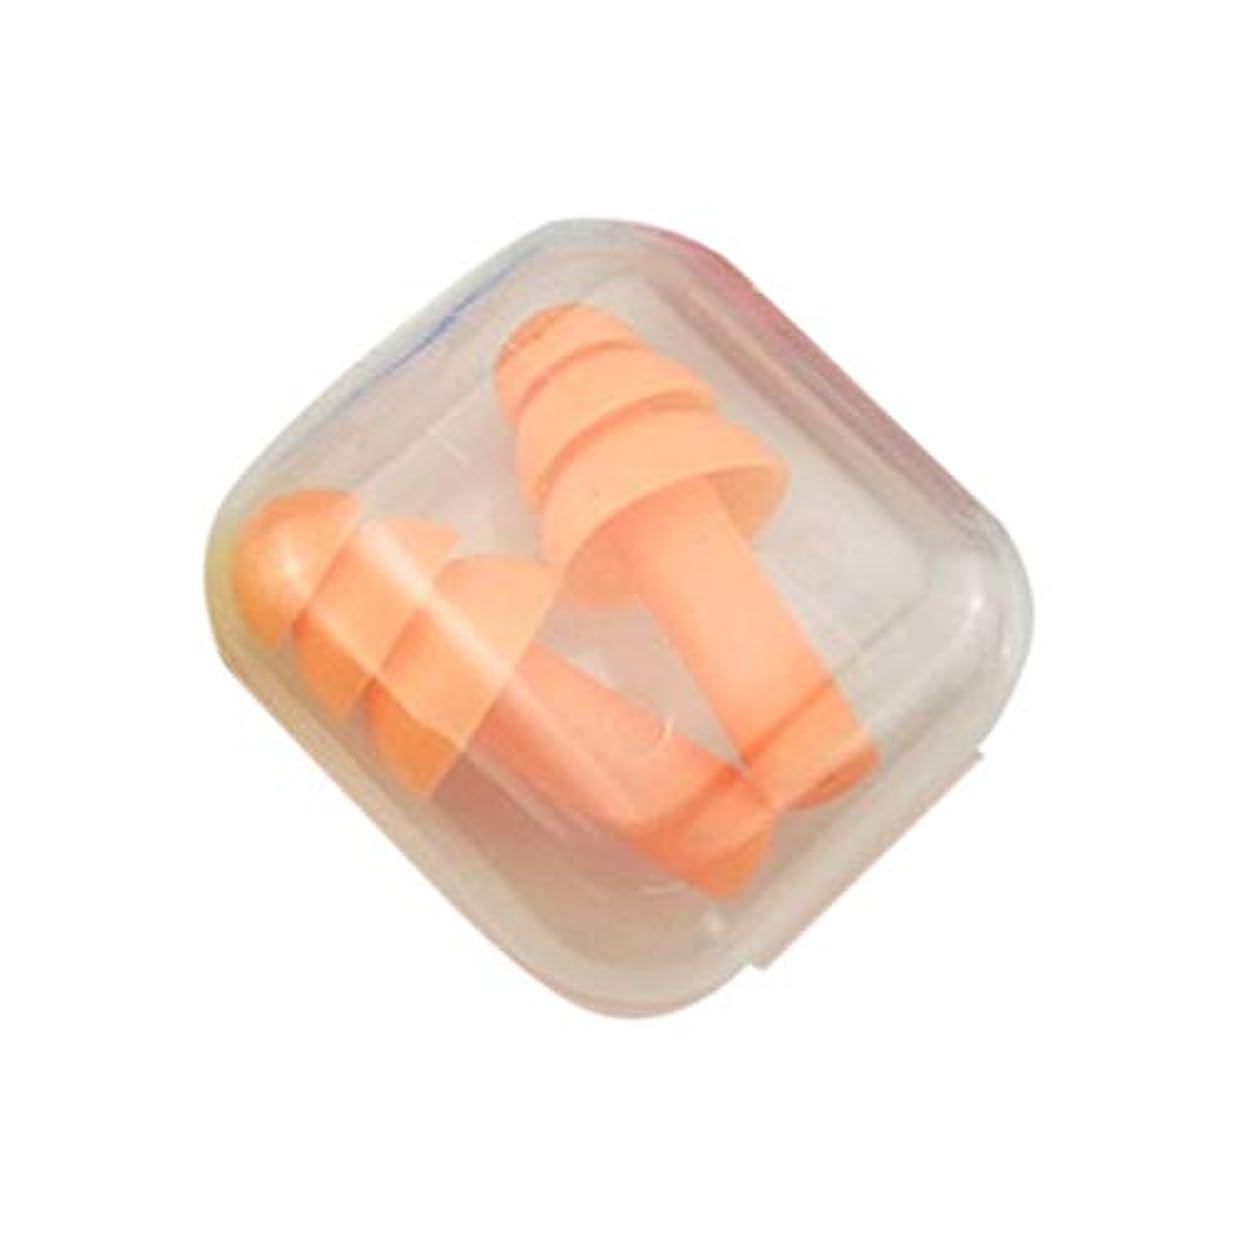 形容詞サンプル乱用柔らかいシリコーンの耳栓遮音用耳の保護用の耳栓防音睡眠ボックス付き収納ボックス - オレンジ